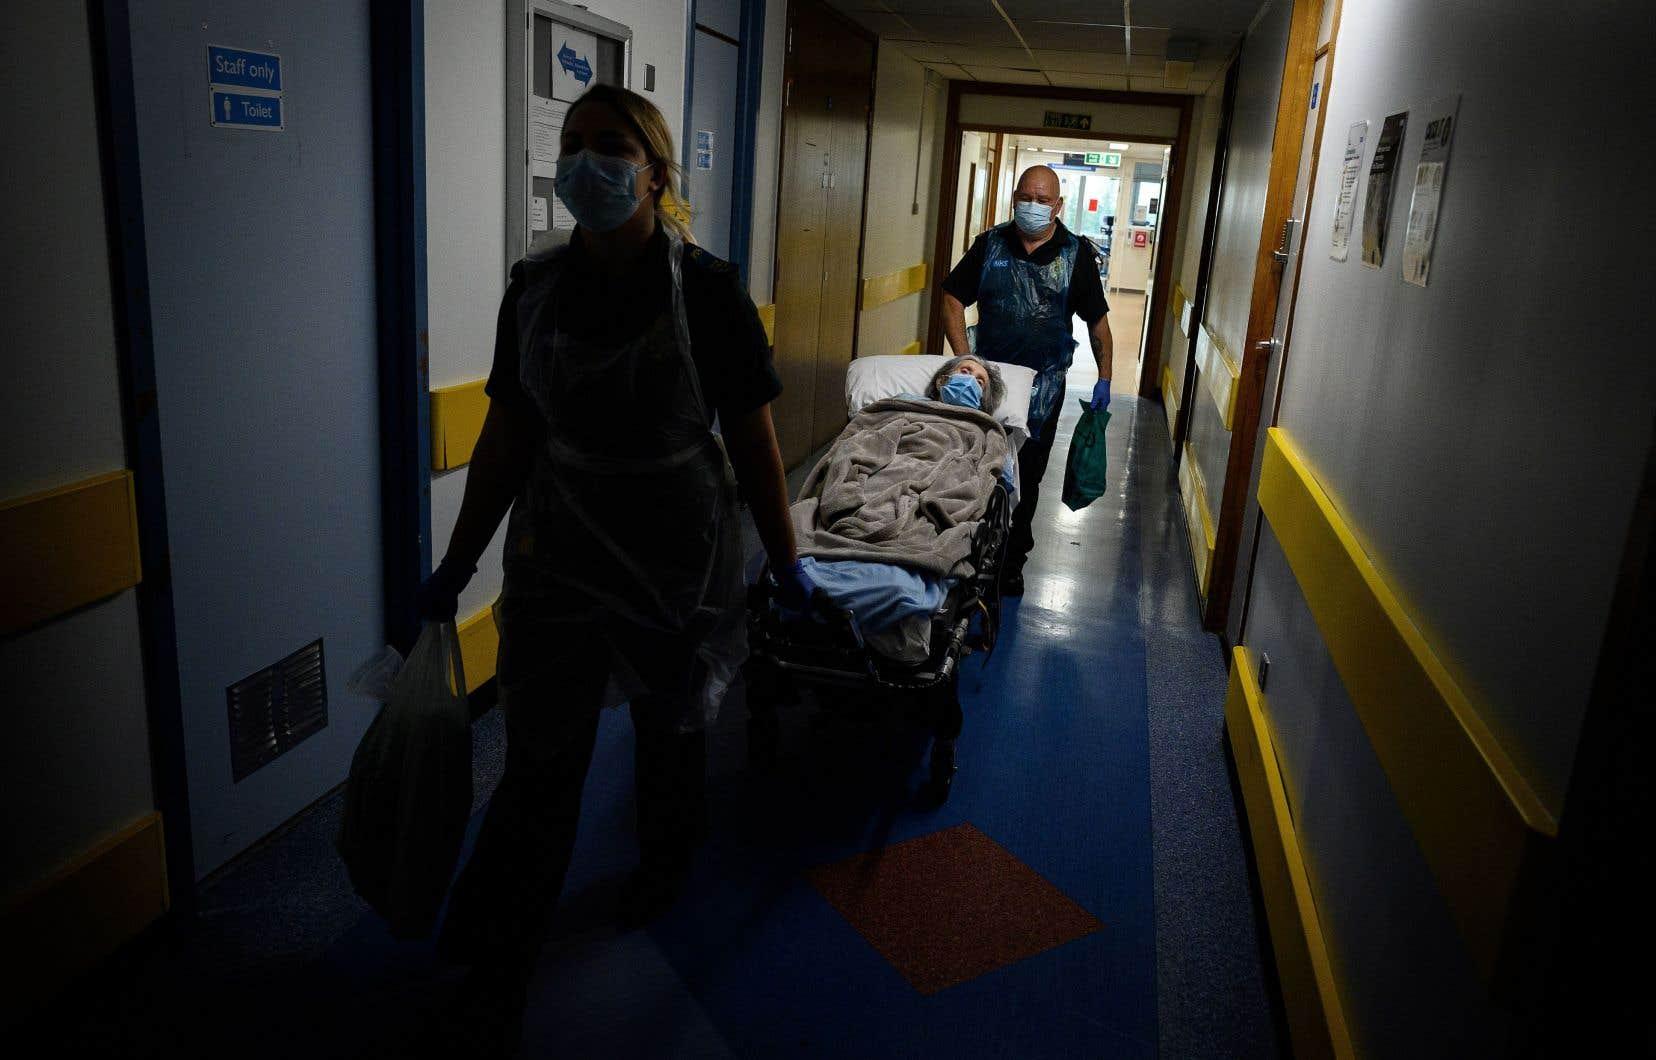 Les ambulanciers Katie Ffolloitt-Powell et Mike Carr déplacent une patiente âgée de l'hôpital vers une résidence près de Portsmouth, dans le sud-ouest de l'Angleterre.